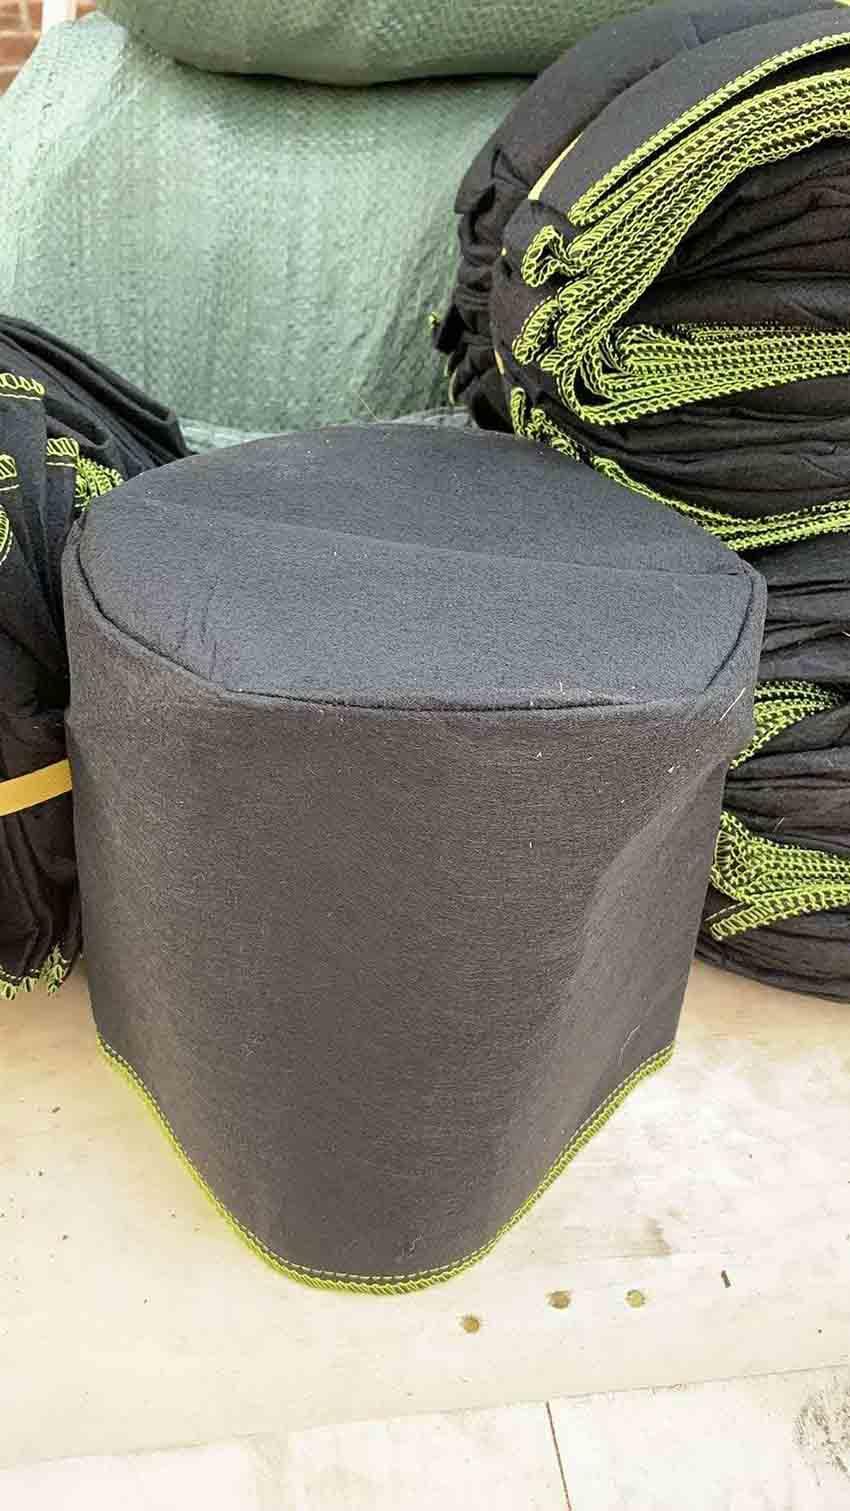 Smart épaissie Nonwoven les sacs de culture 15 Gallon Heavy Duty Tissu Pots avec Aeration poignée épaissie tissu Pots végétaux de culture de plantation Sac